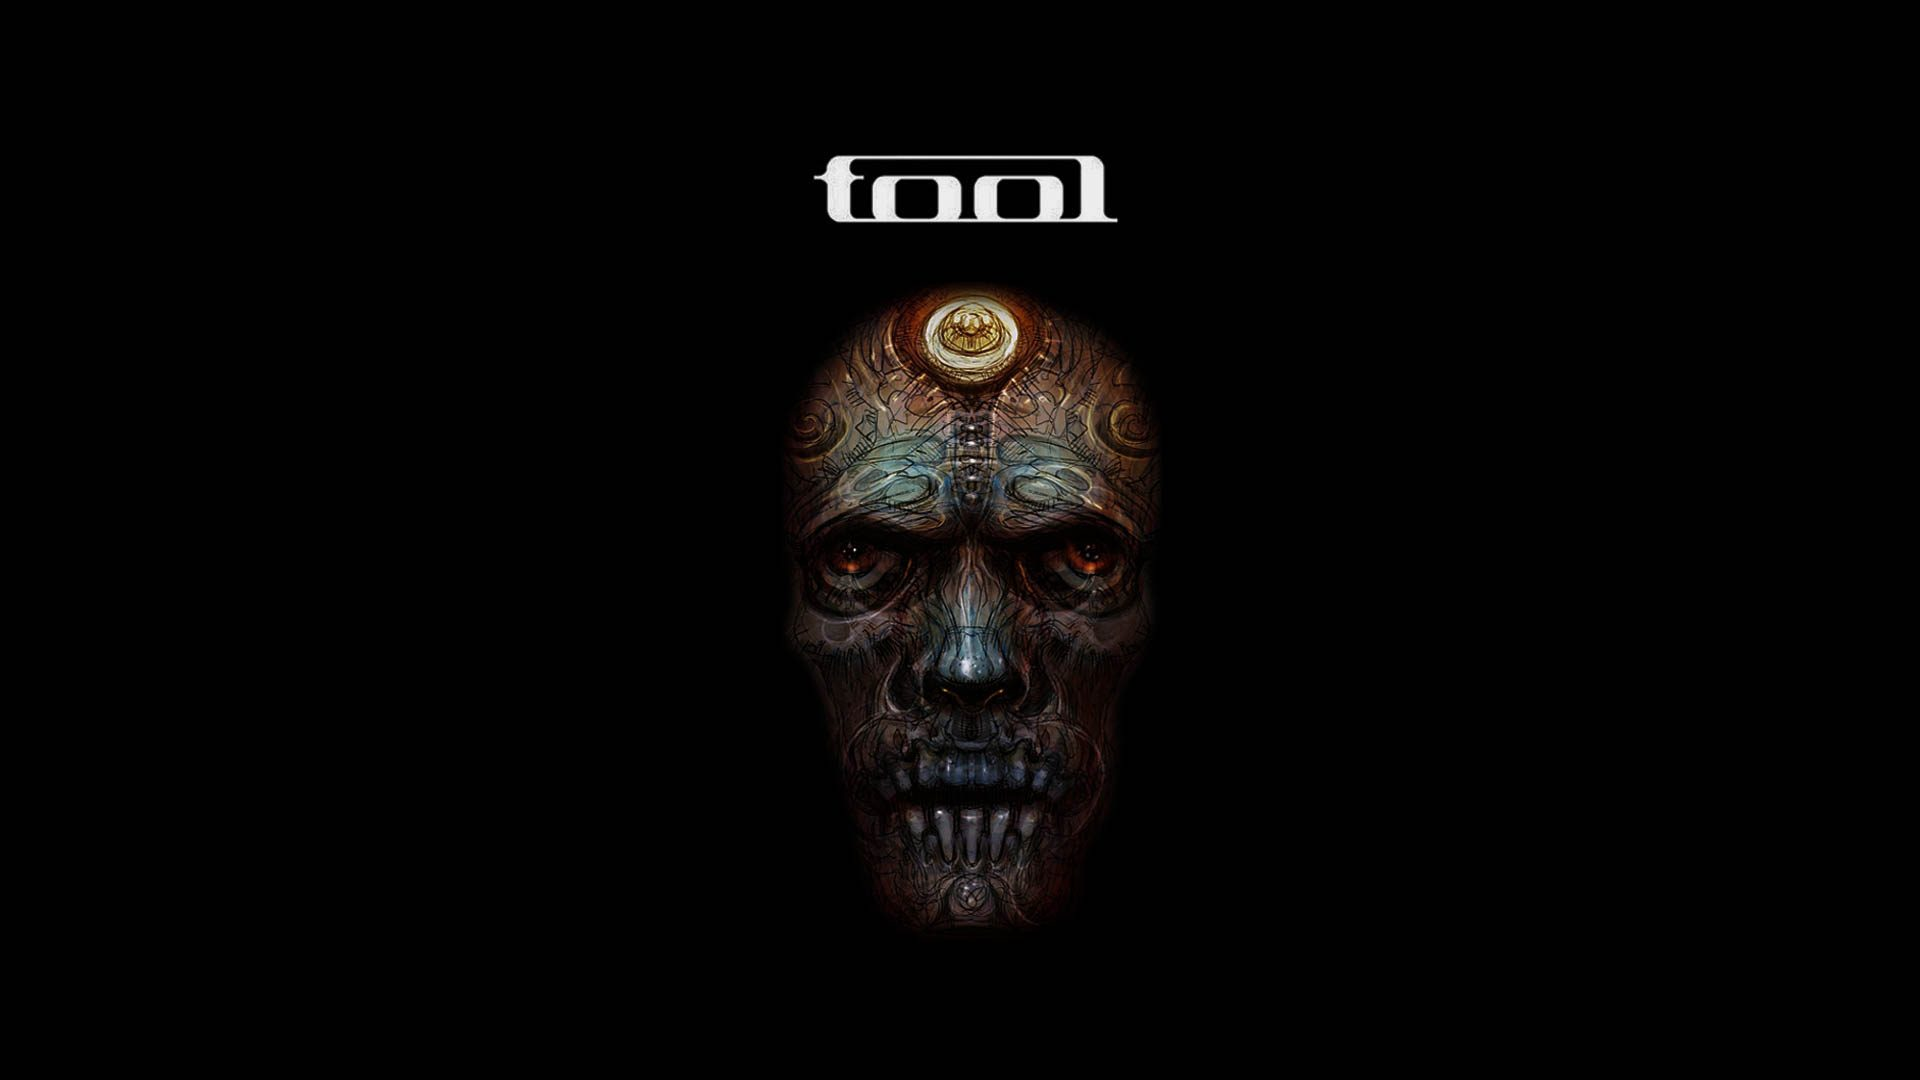 Tool Face Tatooed